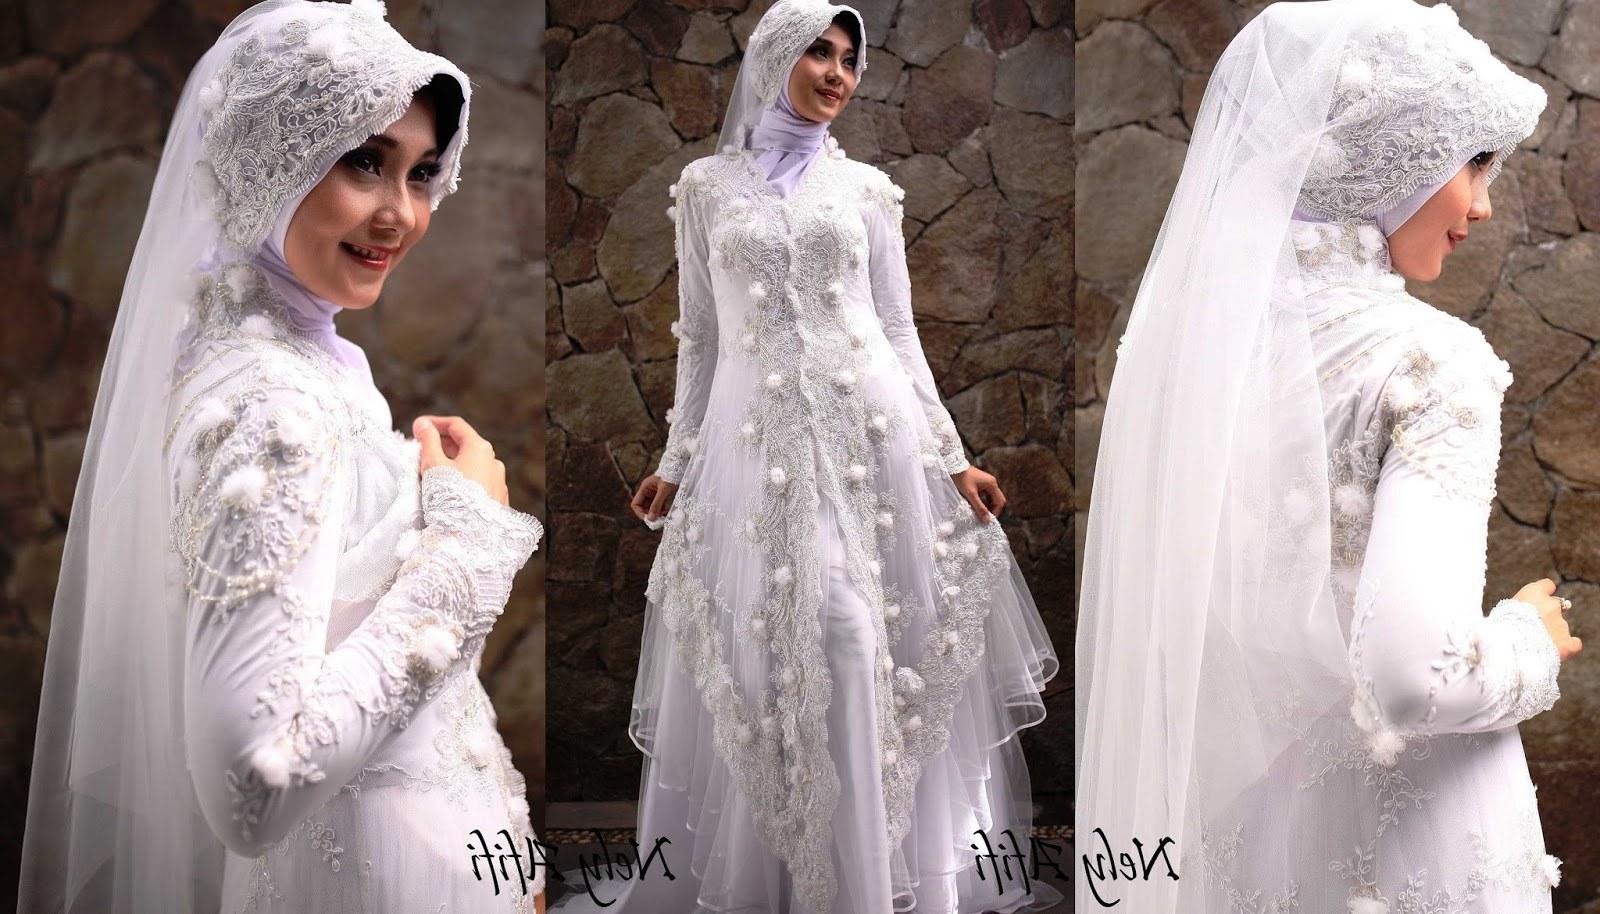 Design Seragam Gamis Untuk Pernikahan Etdg 43 Inspirasi Terpopuler Baju Pengantin Muslim Sederhana Putih